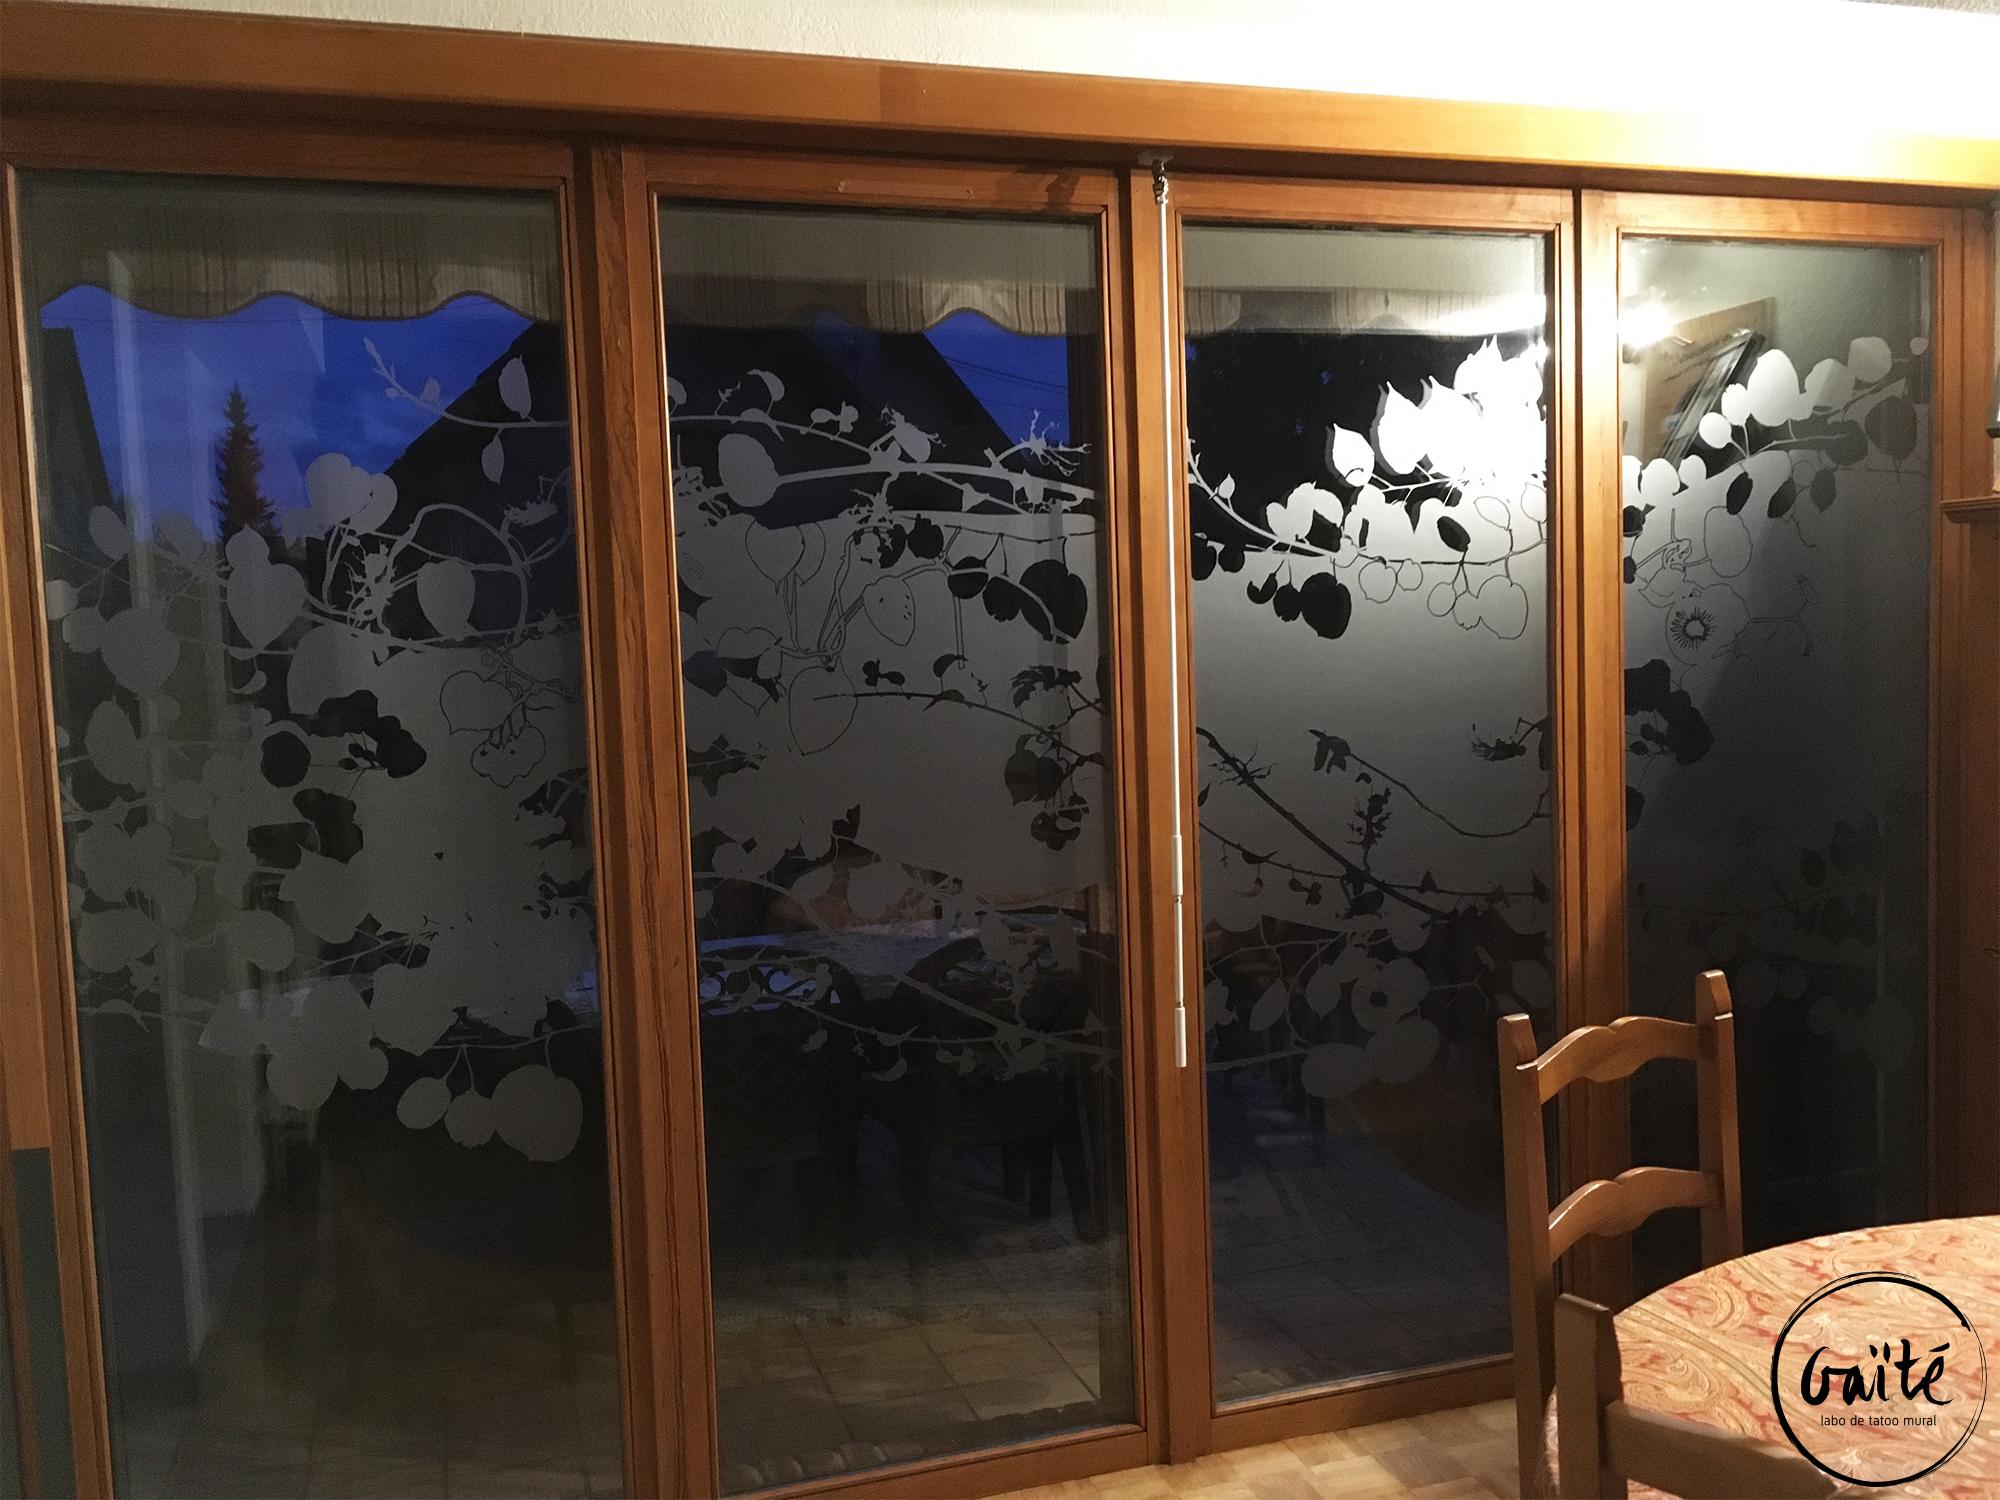 Confidentialité et habillage graphique de vitres